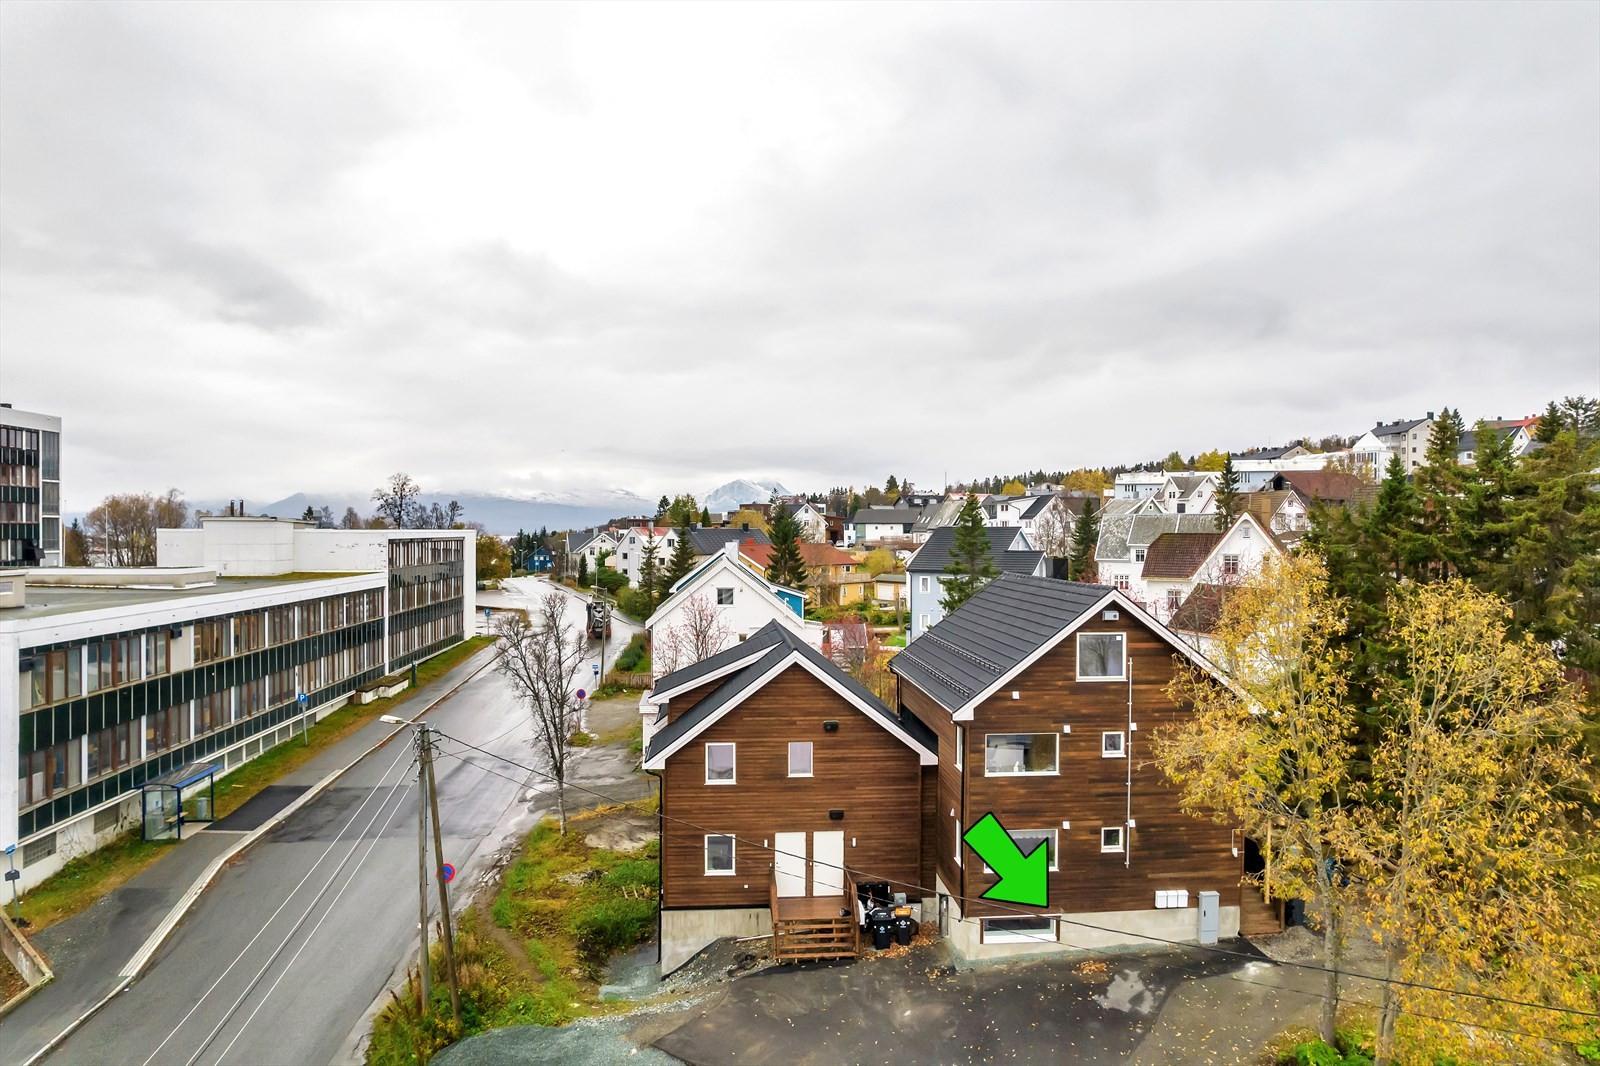 Leiligheten er i sameie med to andre leiligheter pluss nabosameiet nærmere gaten.